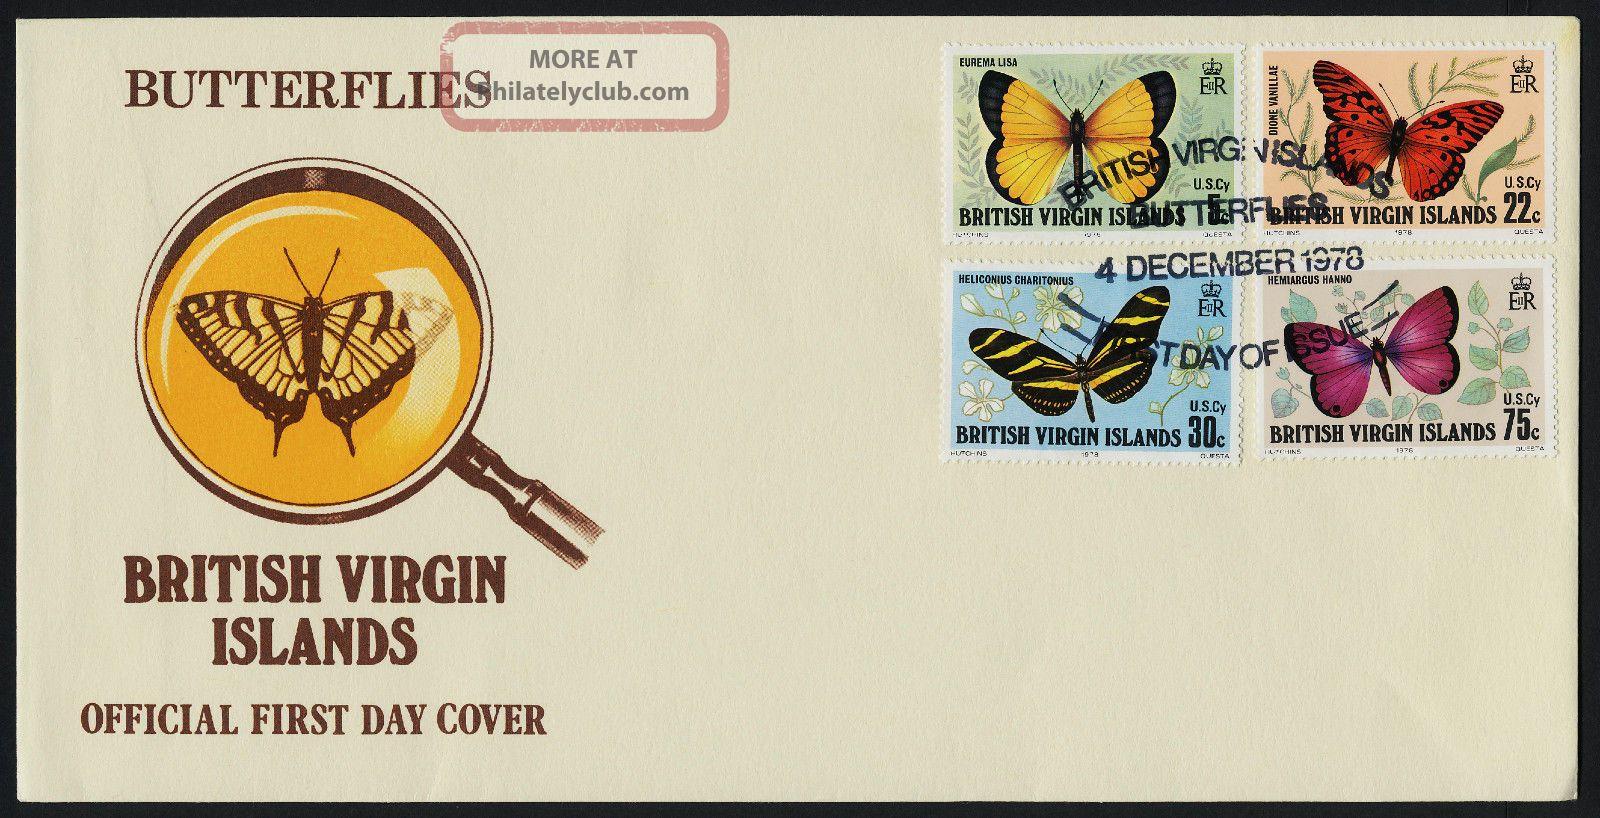 Virgin Islands 342 - 5 Fdc Butterflies British Colonies & Territories photo